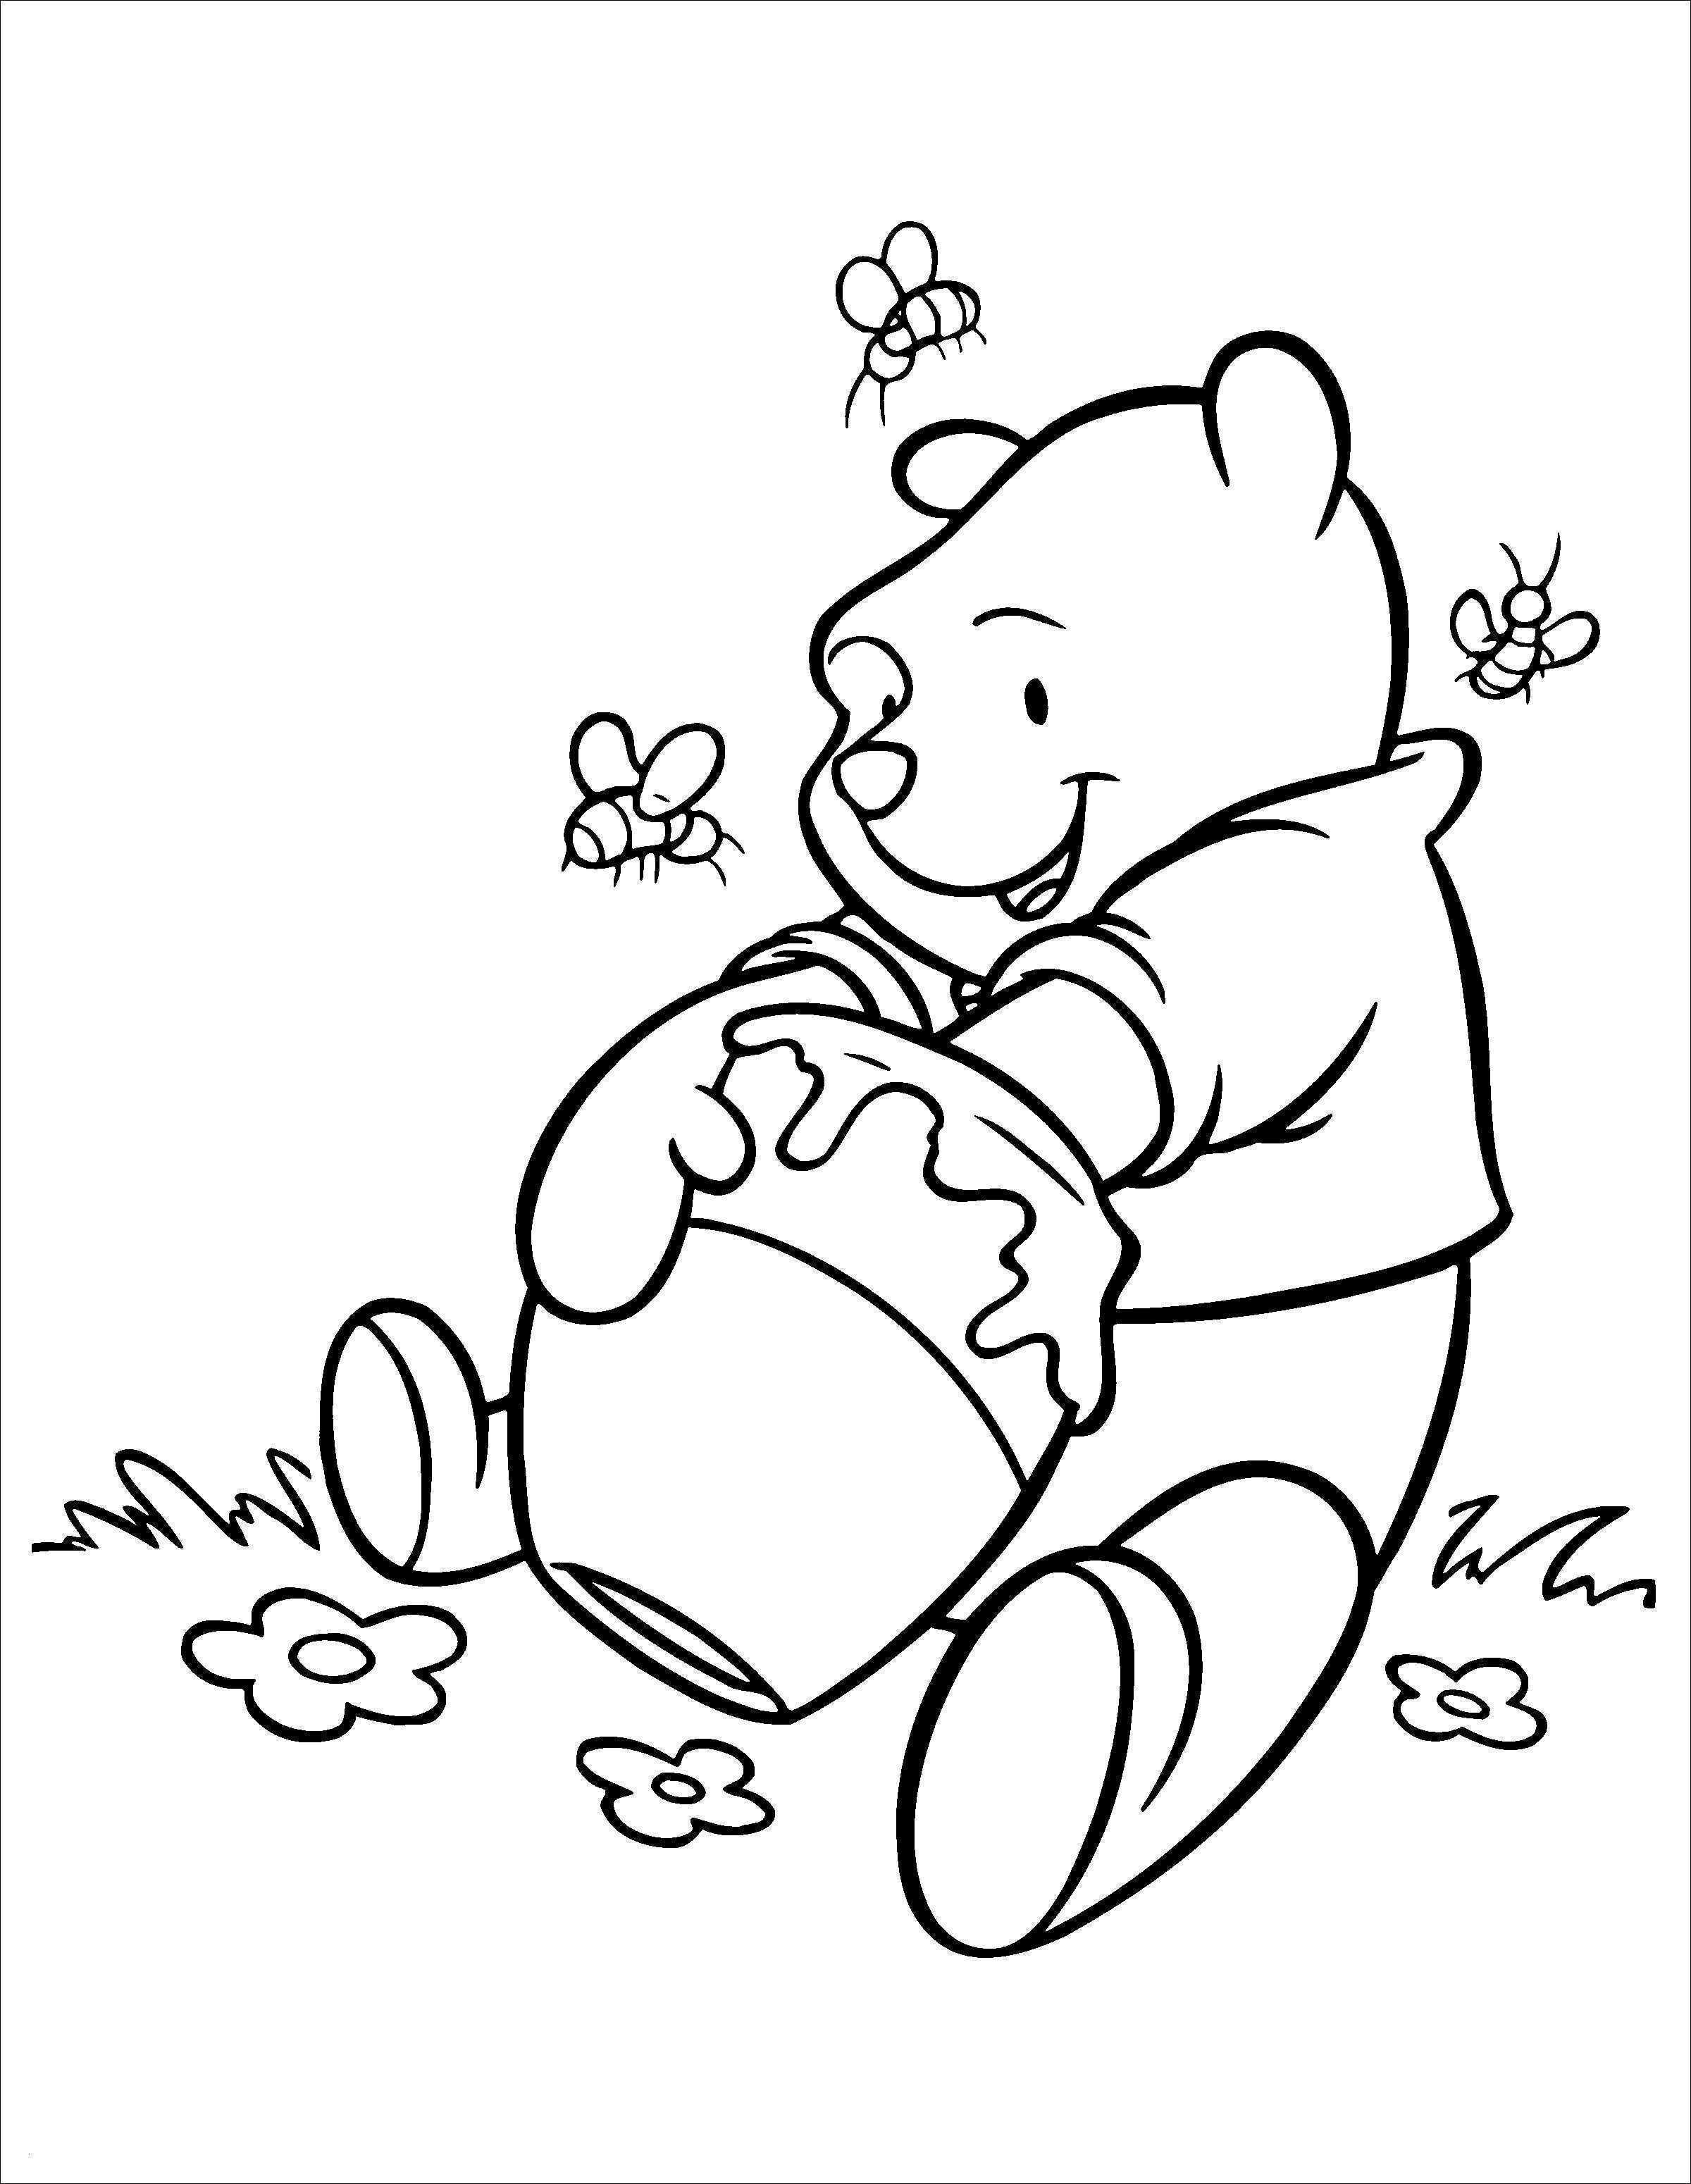 Ausmalbilder Winnie Pooh Und Seine Freunde Malvorlagen Einzigartig Winnie the Pooh Zum Ausmalen Fotos Ausmalbilder Winnie Pooh Und Fotos